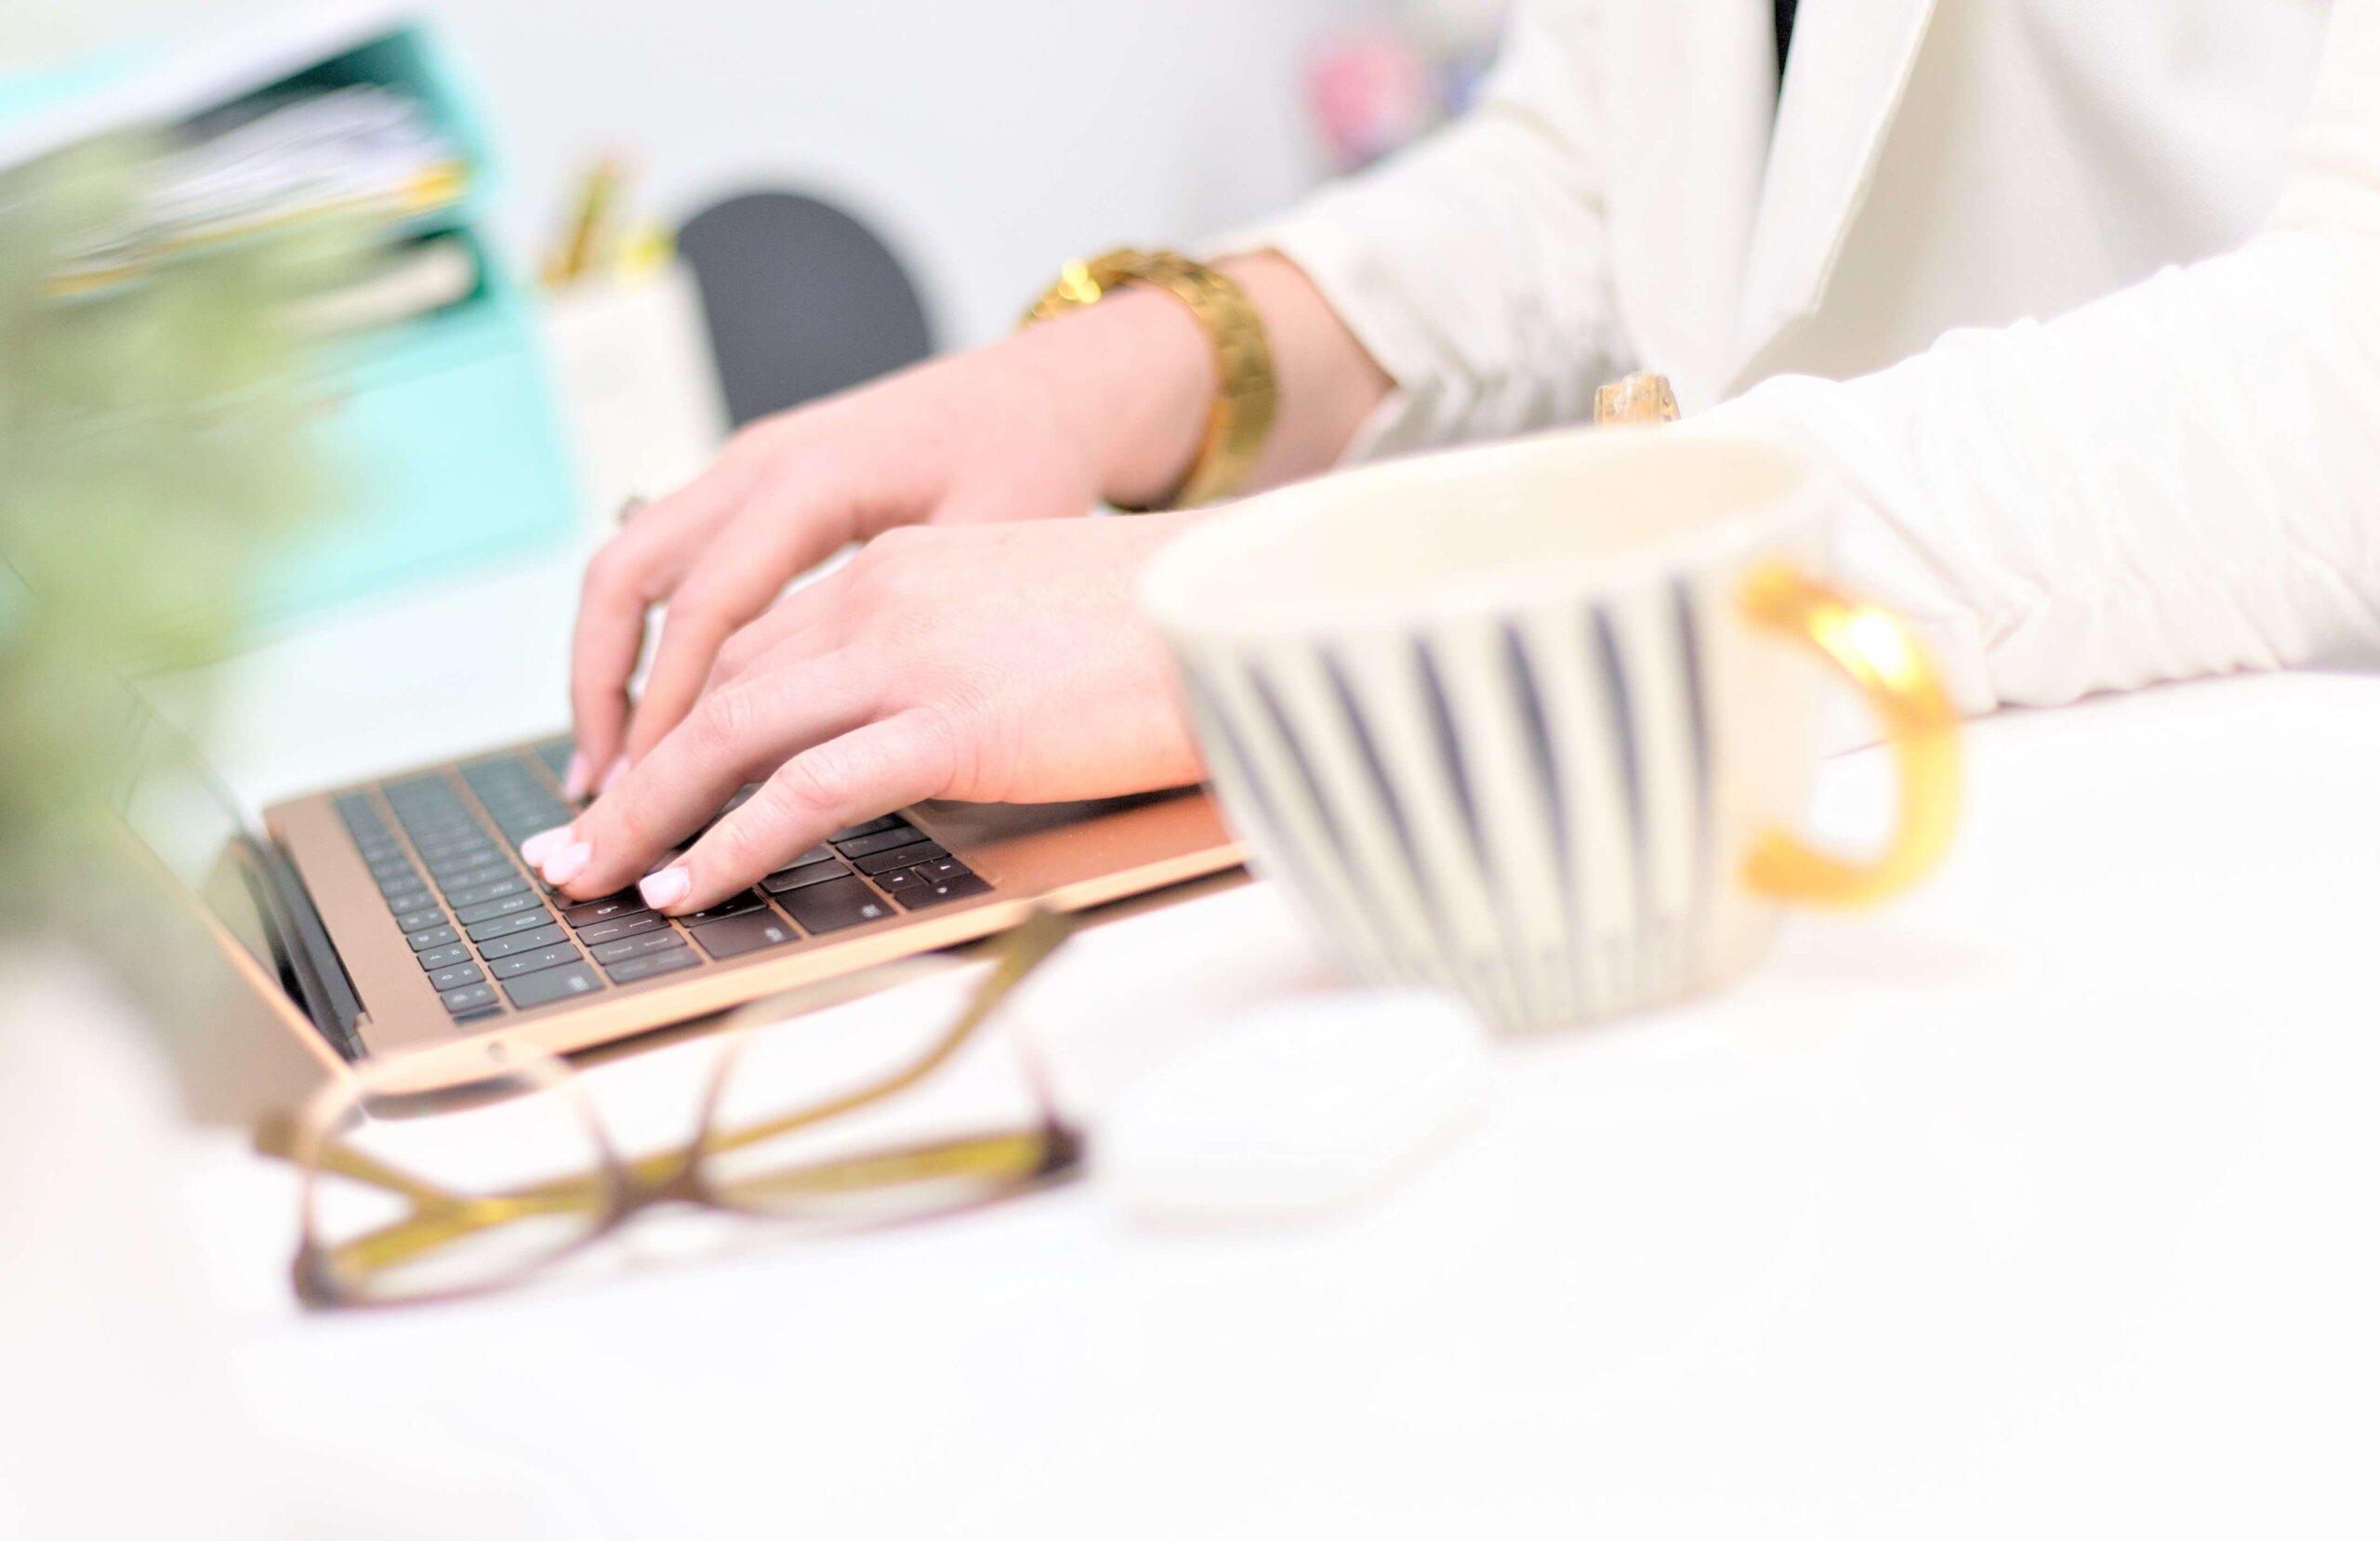 ブログのデザインを整える方法